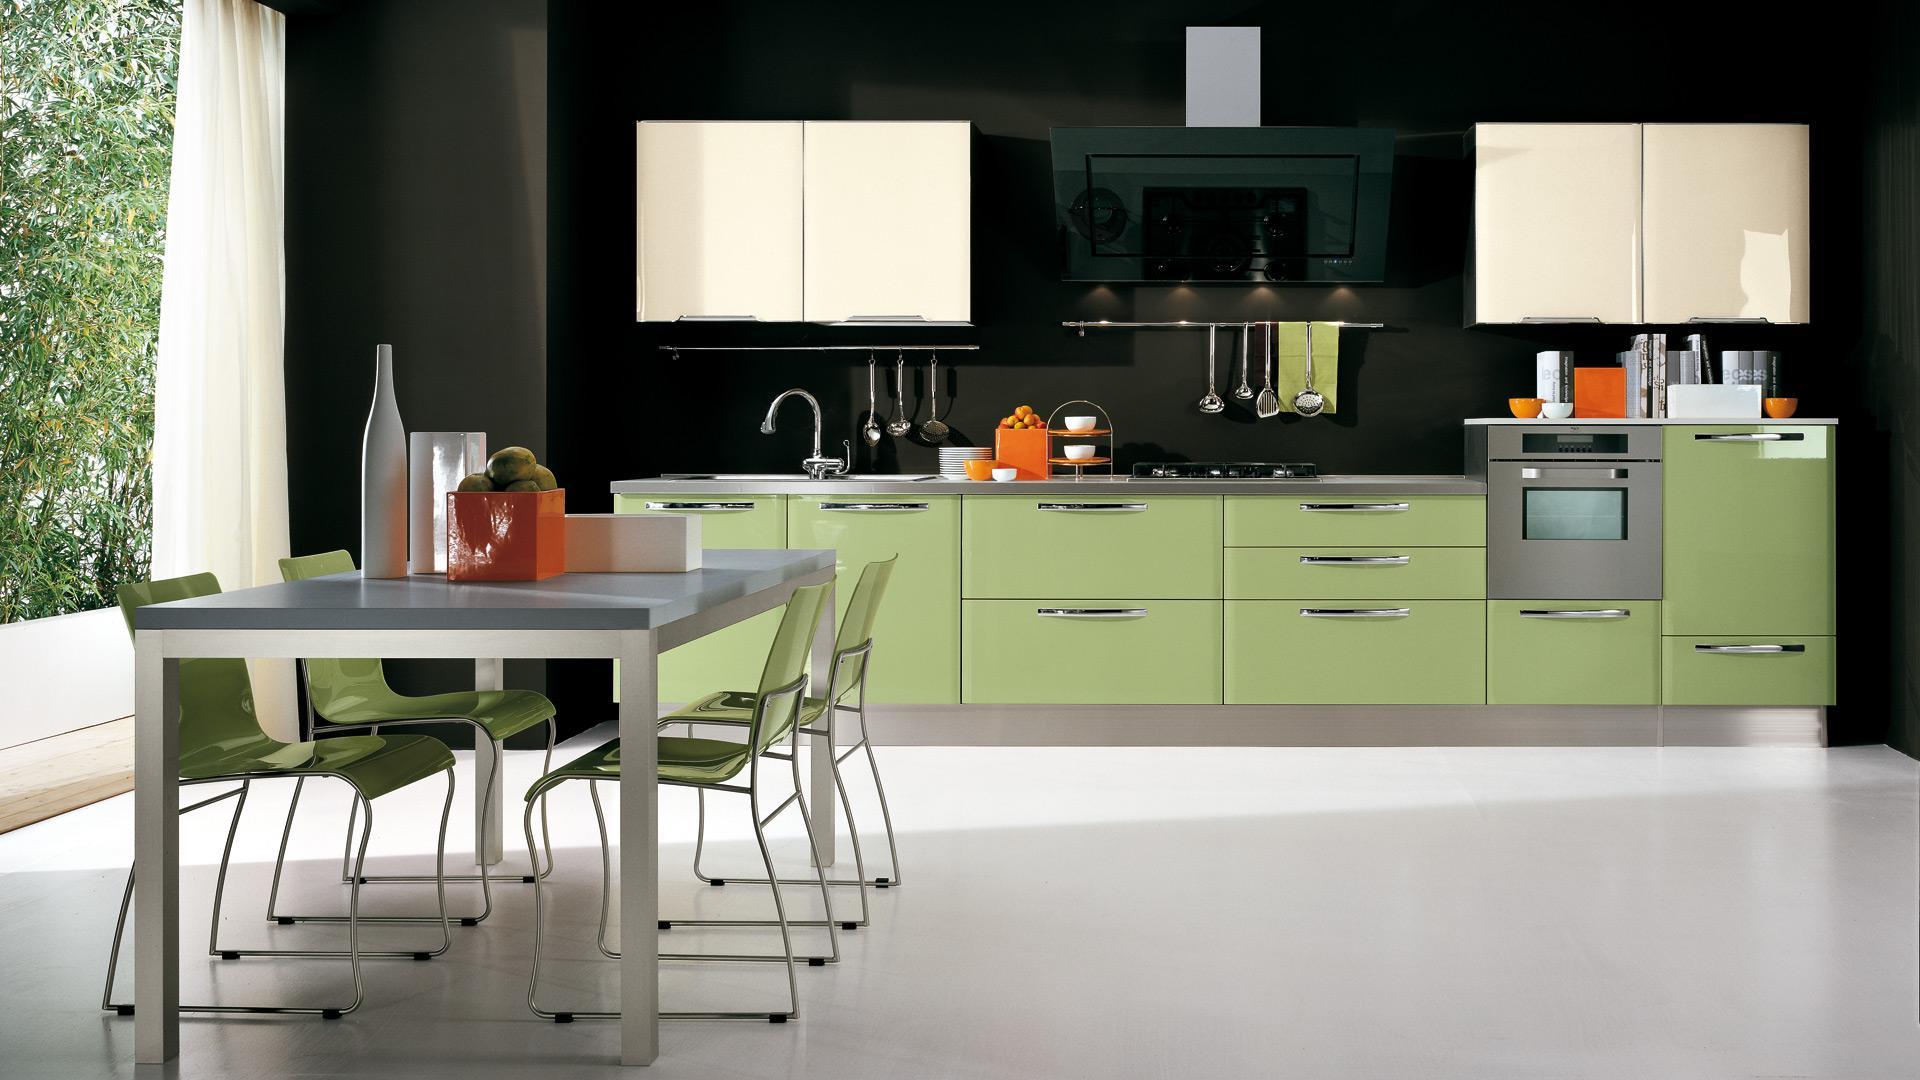 Tavolo da cucina, i consigli per la scelta ideale - Lube Store ...